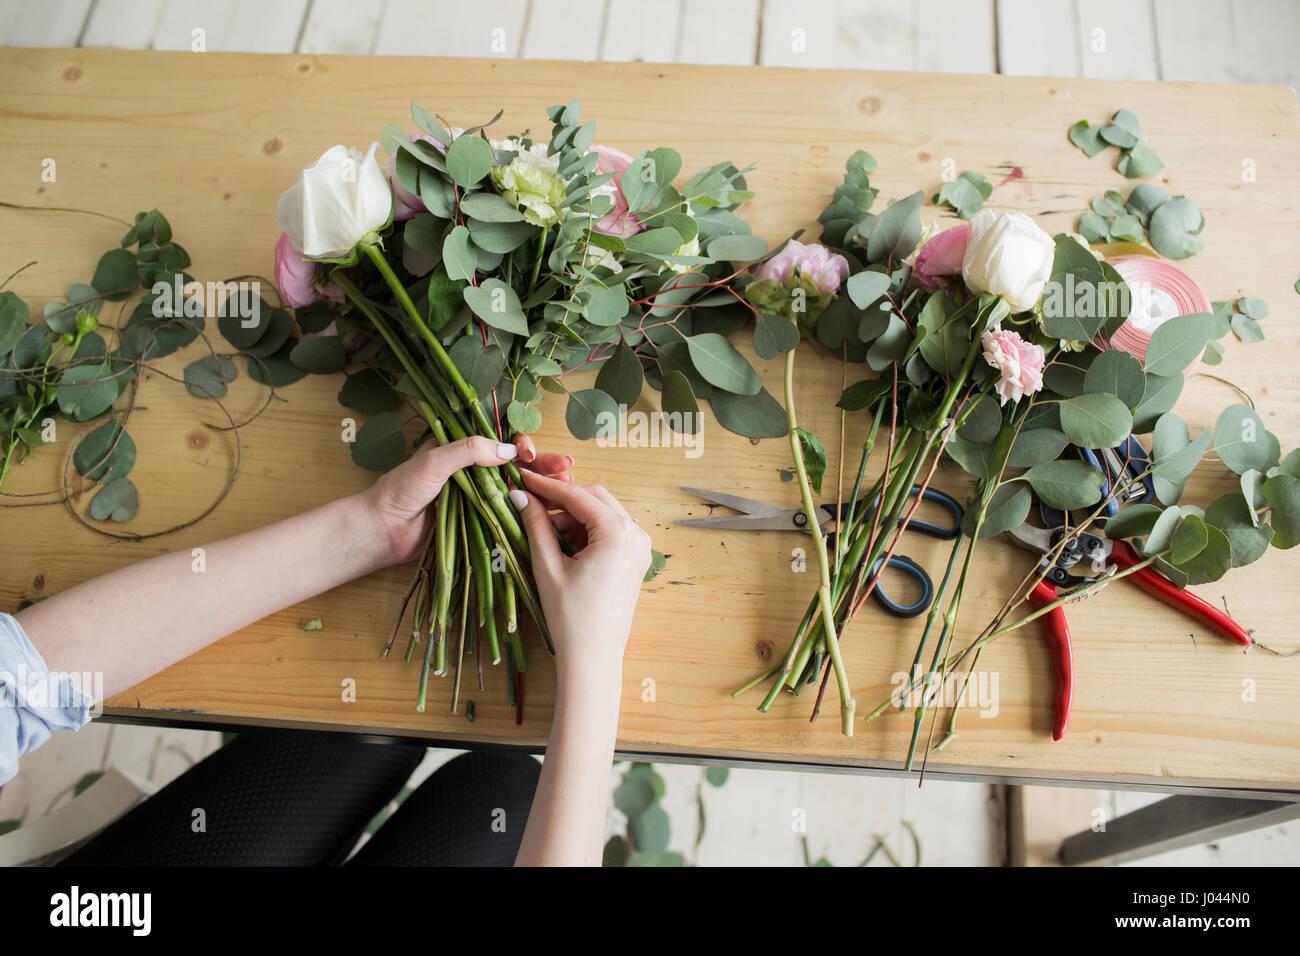 Blumengeschäft am Arbeitsplatz: hübsche junge Frau, die Mode moderne Blumenstrauß aus verschiedenen Blumen Stockfoto